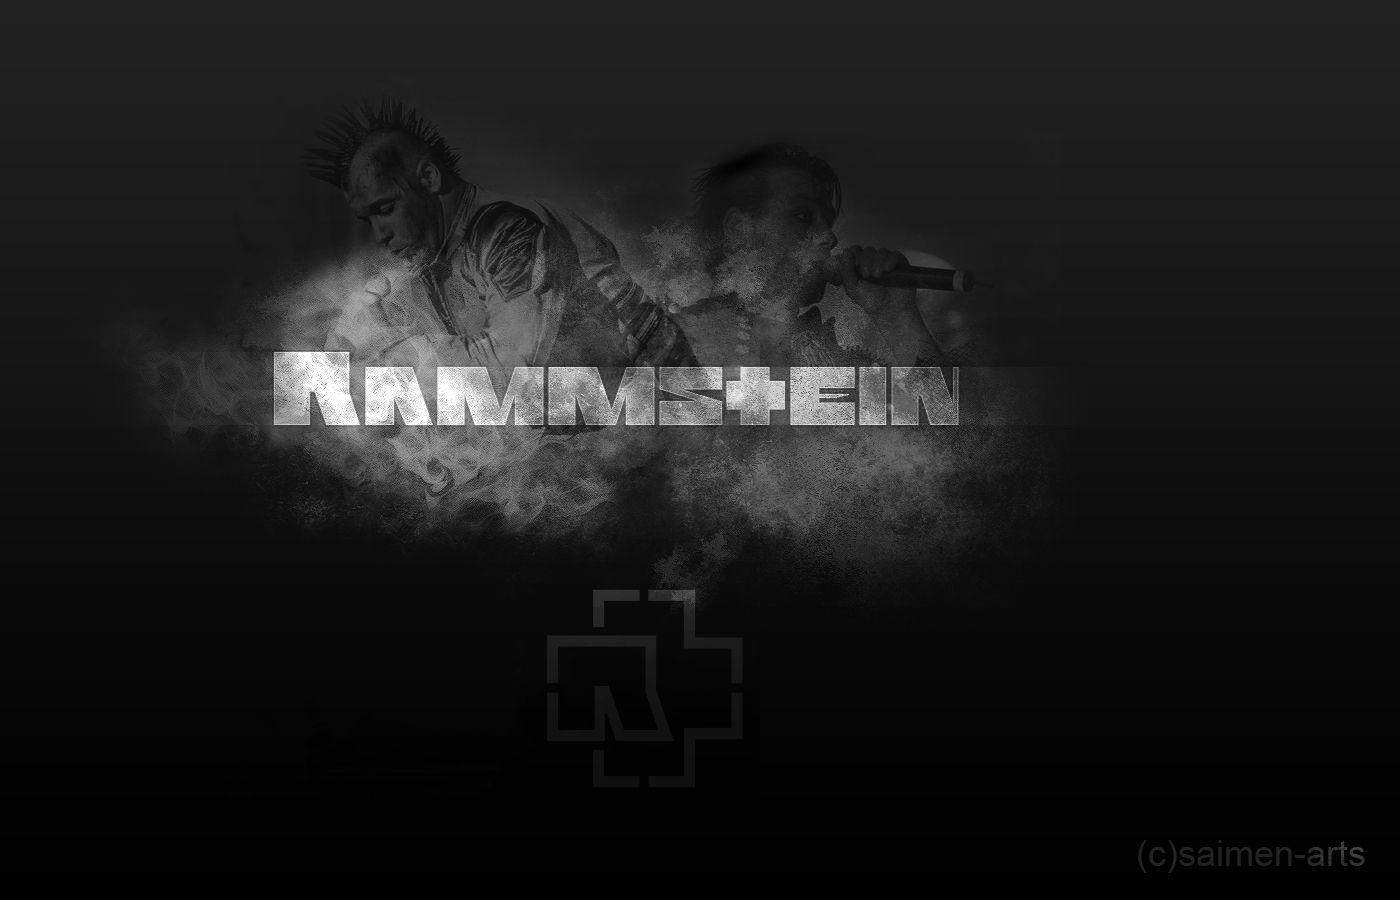 Cool Wallpaper Logo Rammstein - 087f35d2cc17620928f71f51bc72d2a3  HD_689581.jpg